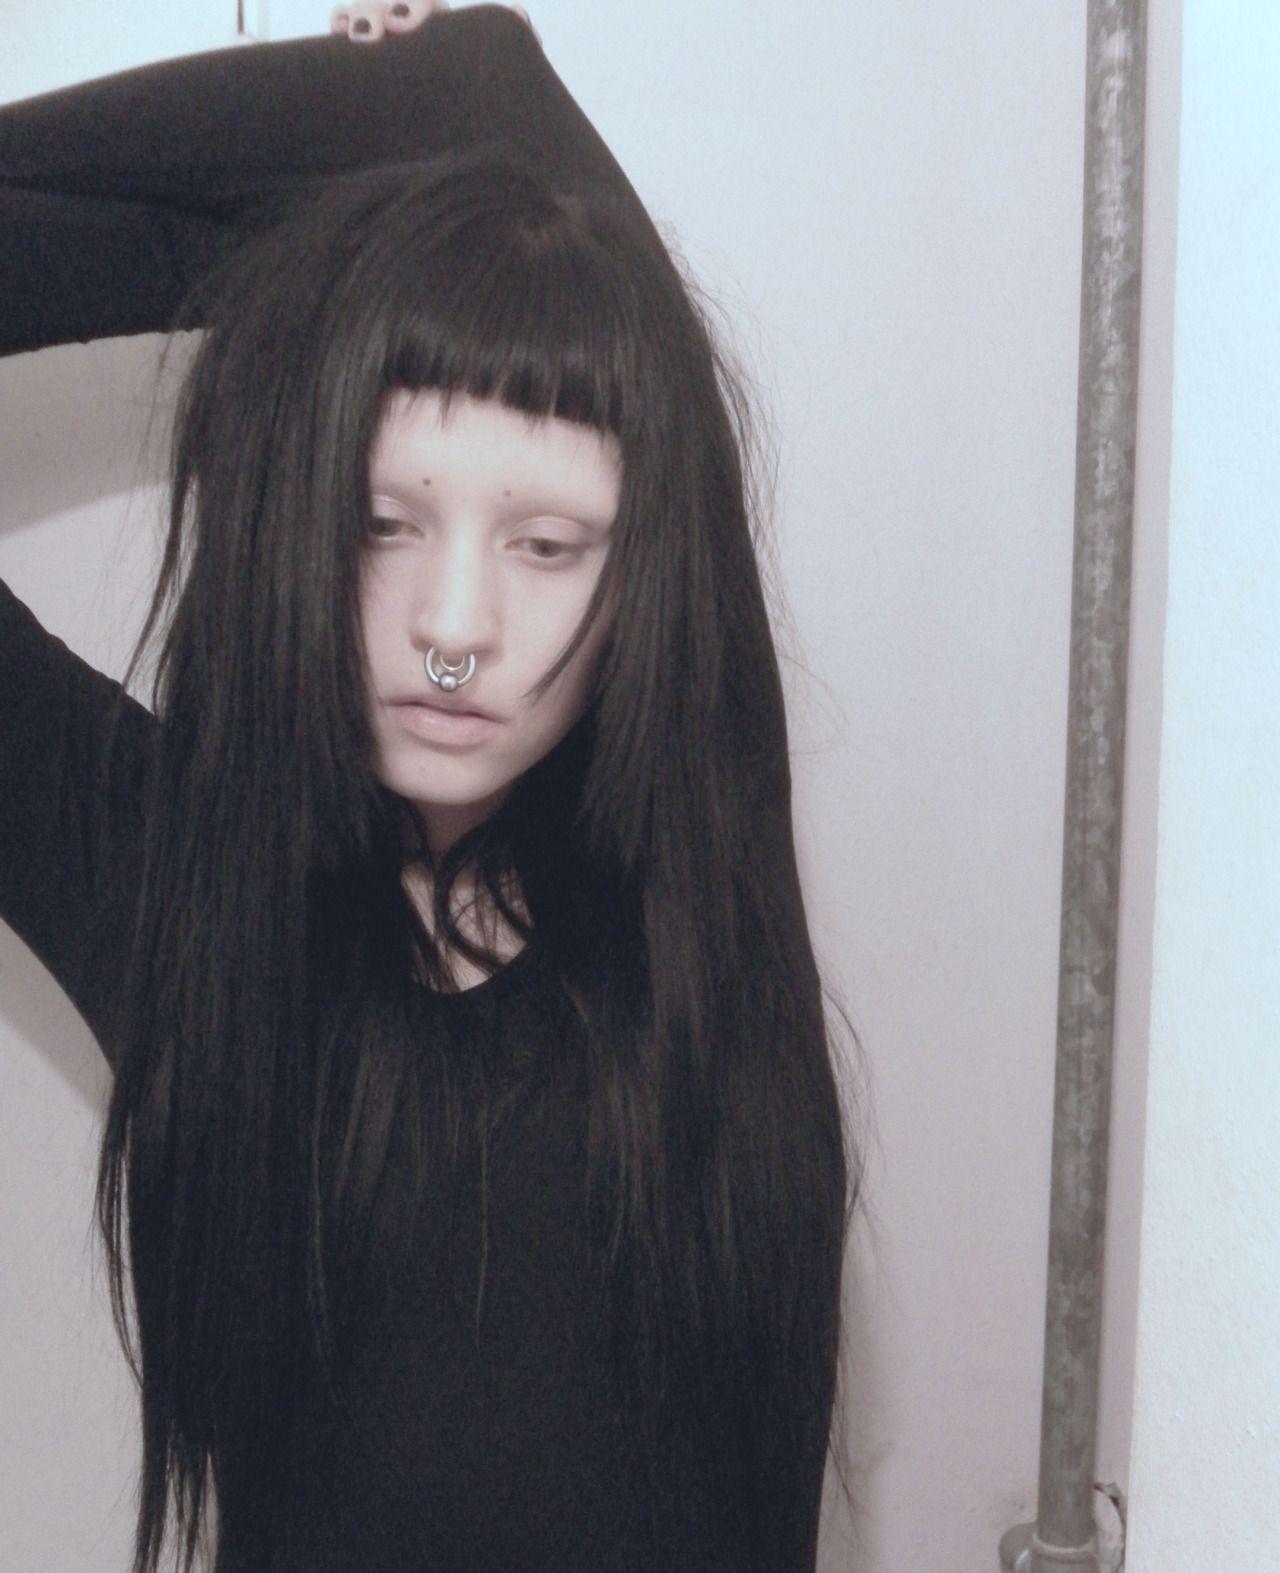 trinaechidna - goth glam